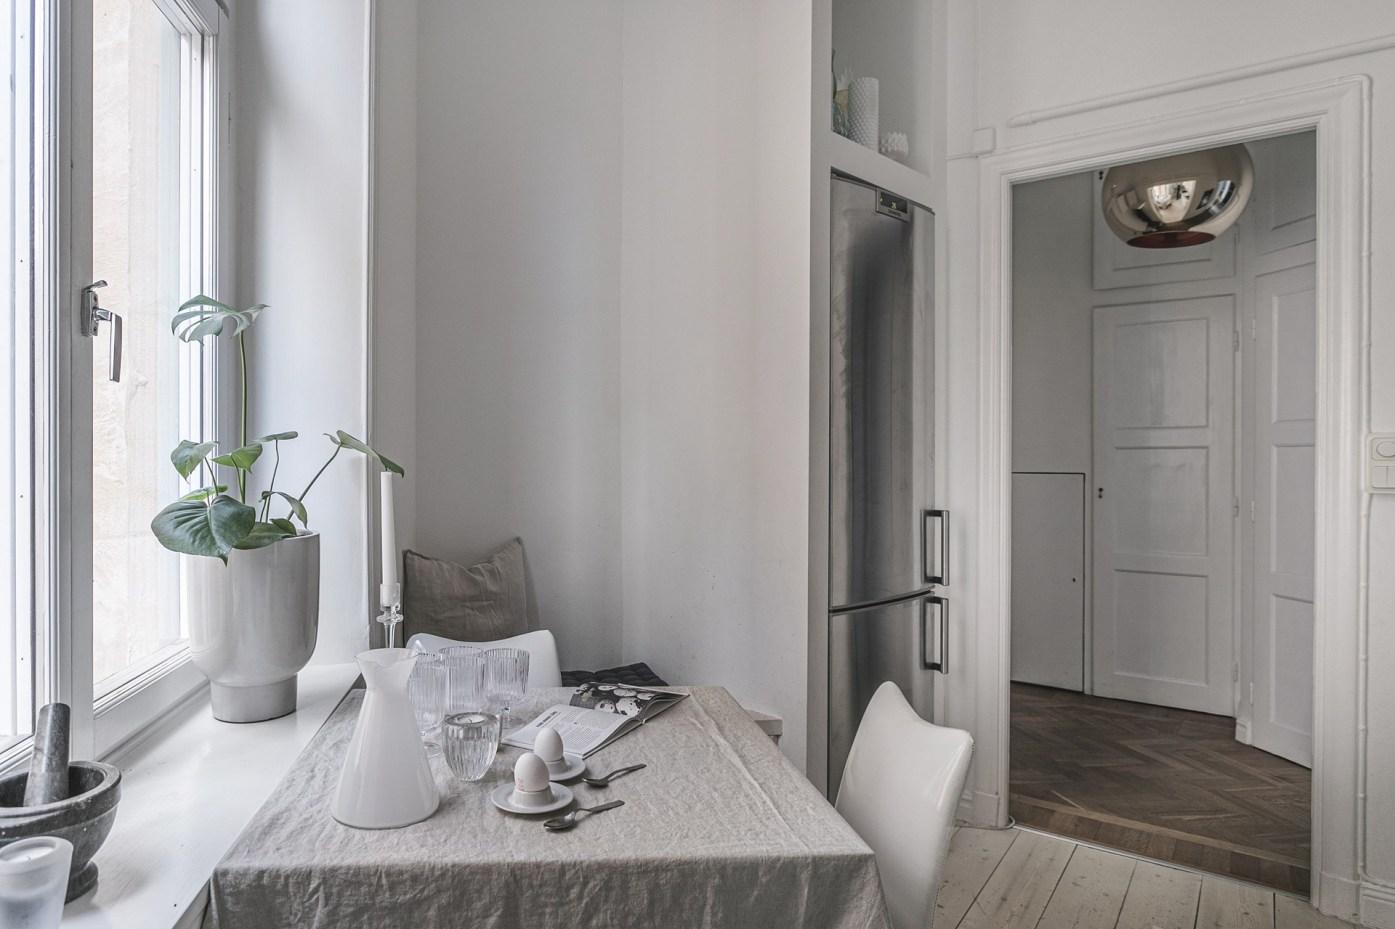 квартира 89 квм кухонный стол ниша холодильник